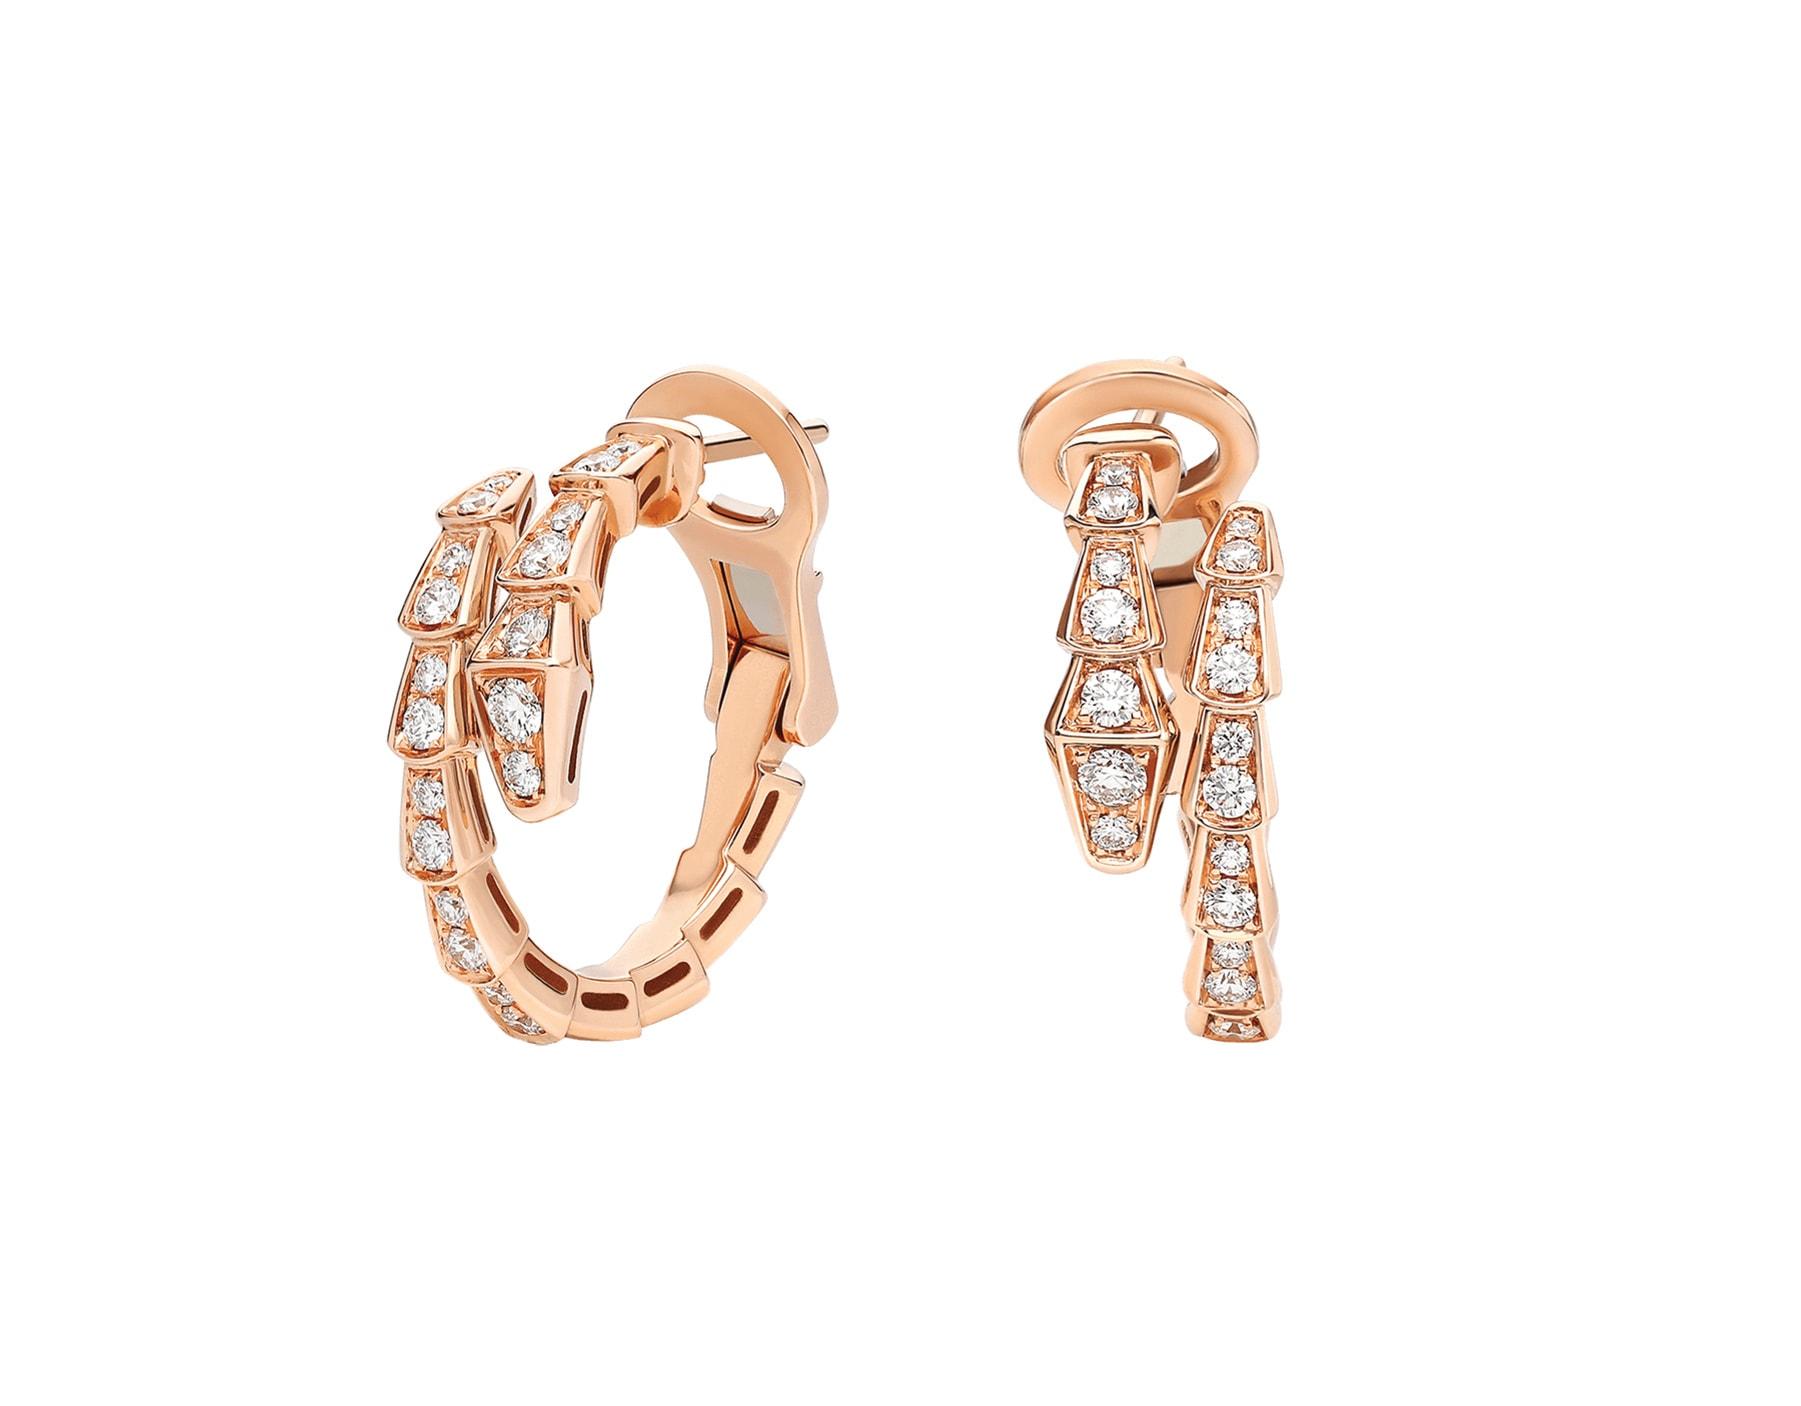 Bulgari. Orecchini Serpenti Viper, in oro rosa con pavé di diamanti.